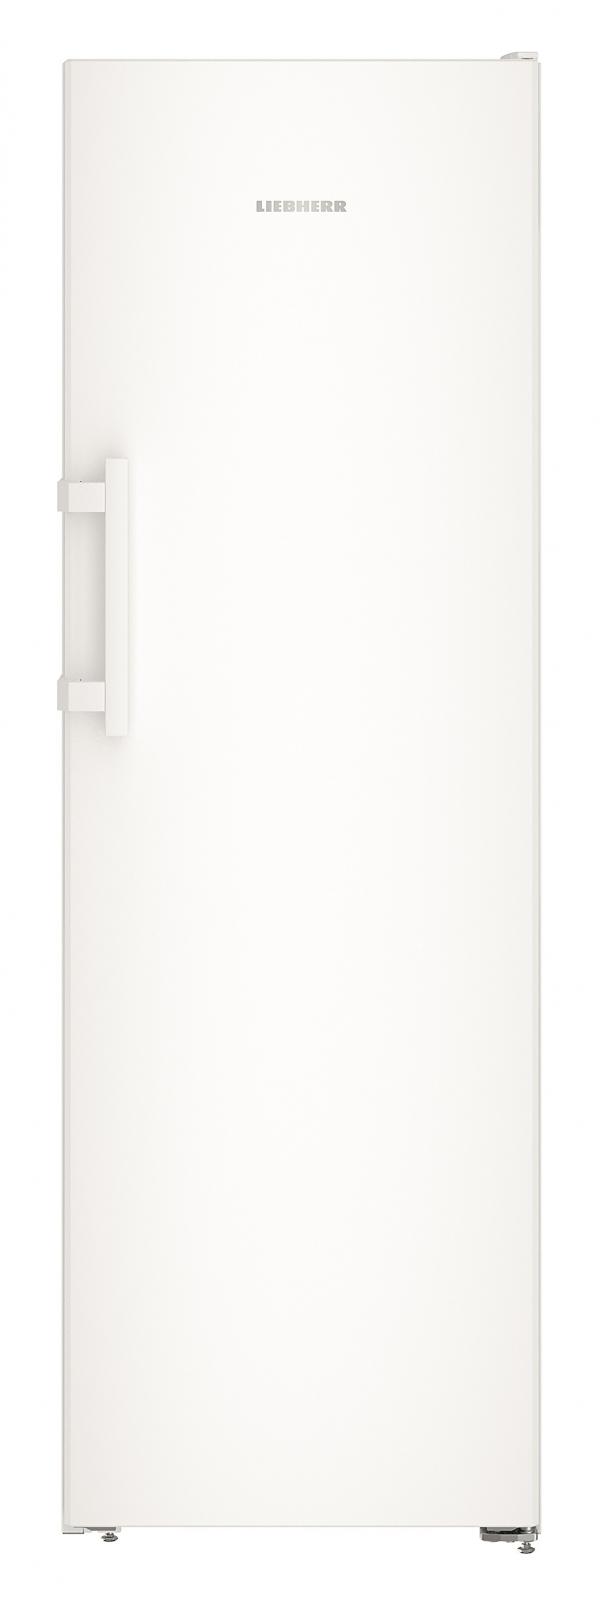 купить Однокамерный холодильник Liebherr SK 4260 Украина фото 1